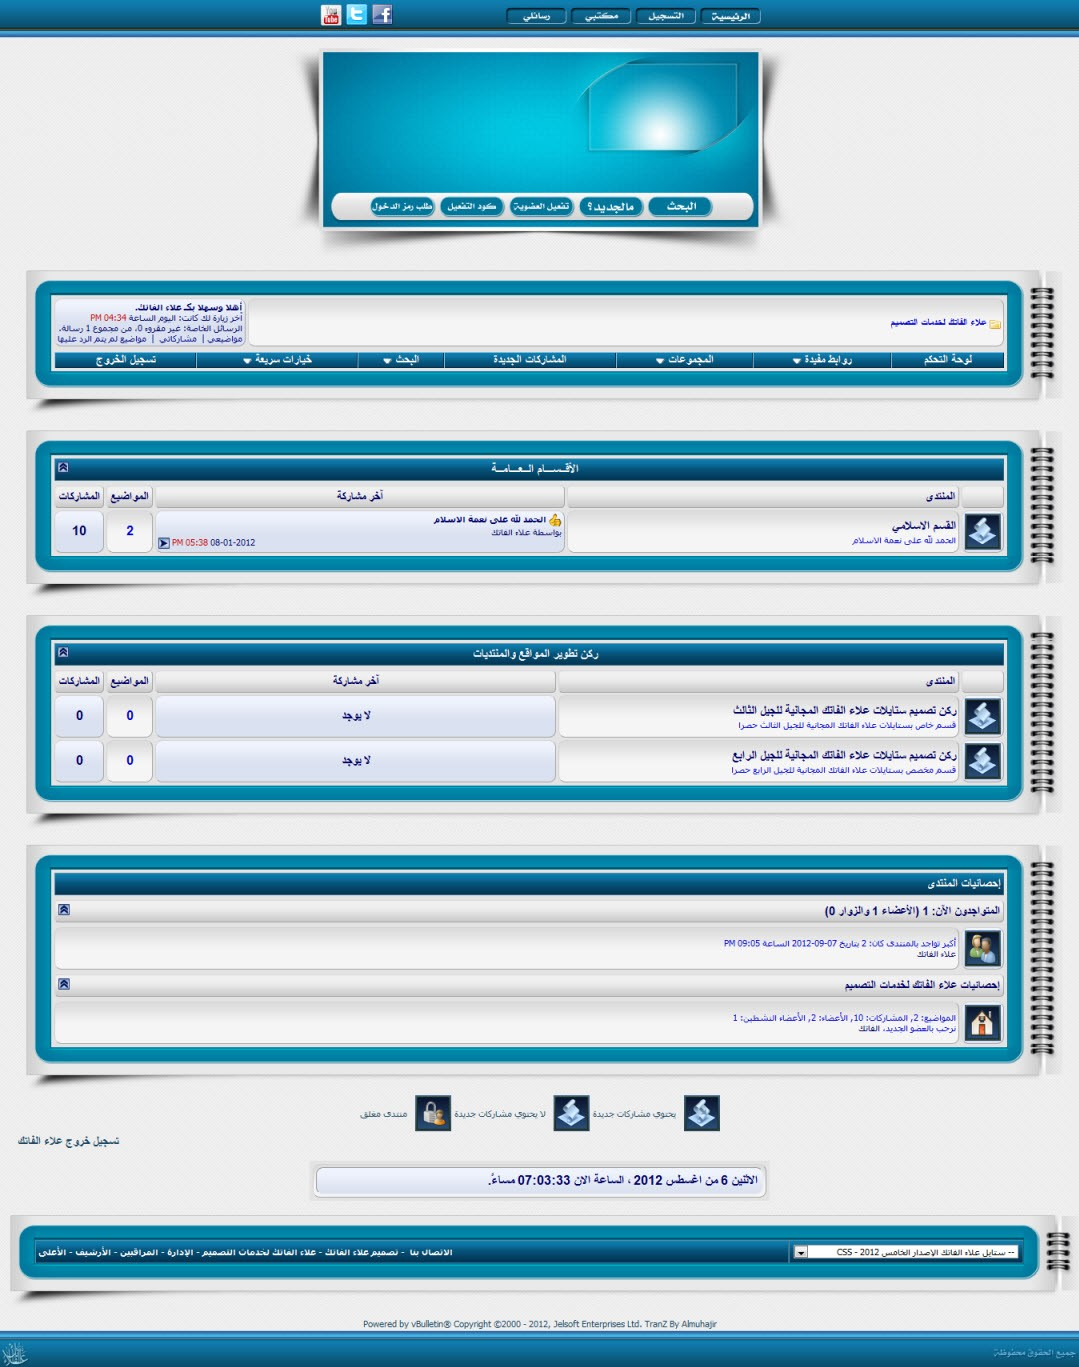 استايل تومبيلات - ستايل علاء الفاتك الإصدار الخامس الازرق الاحترافي تكويد صحيح - صفحة 2 Ocjz10